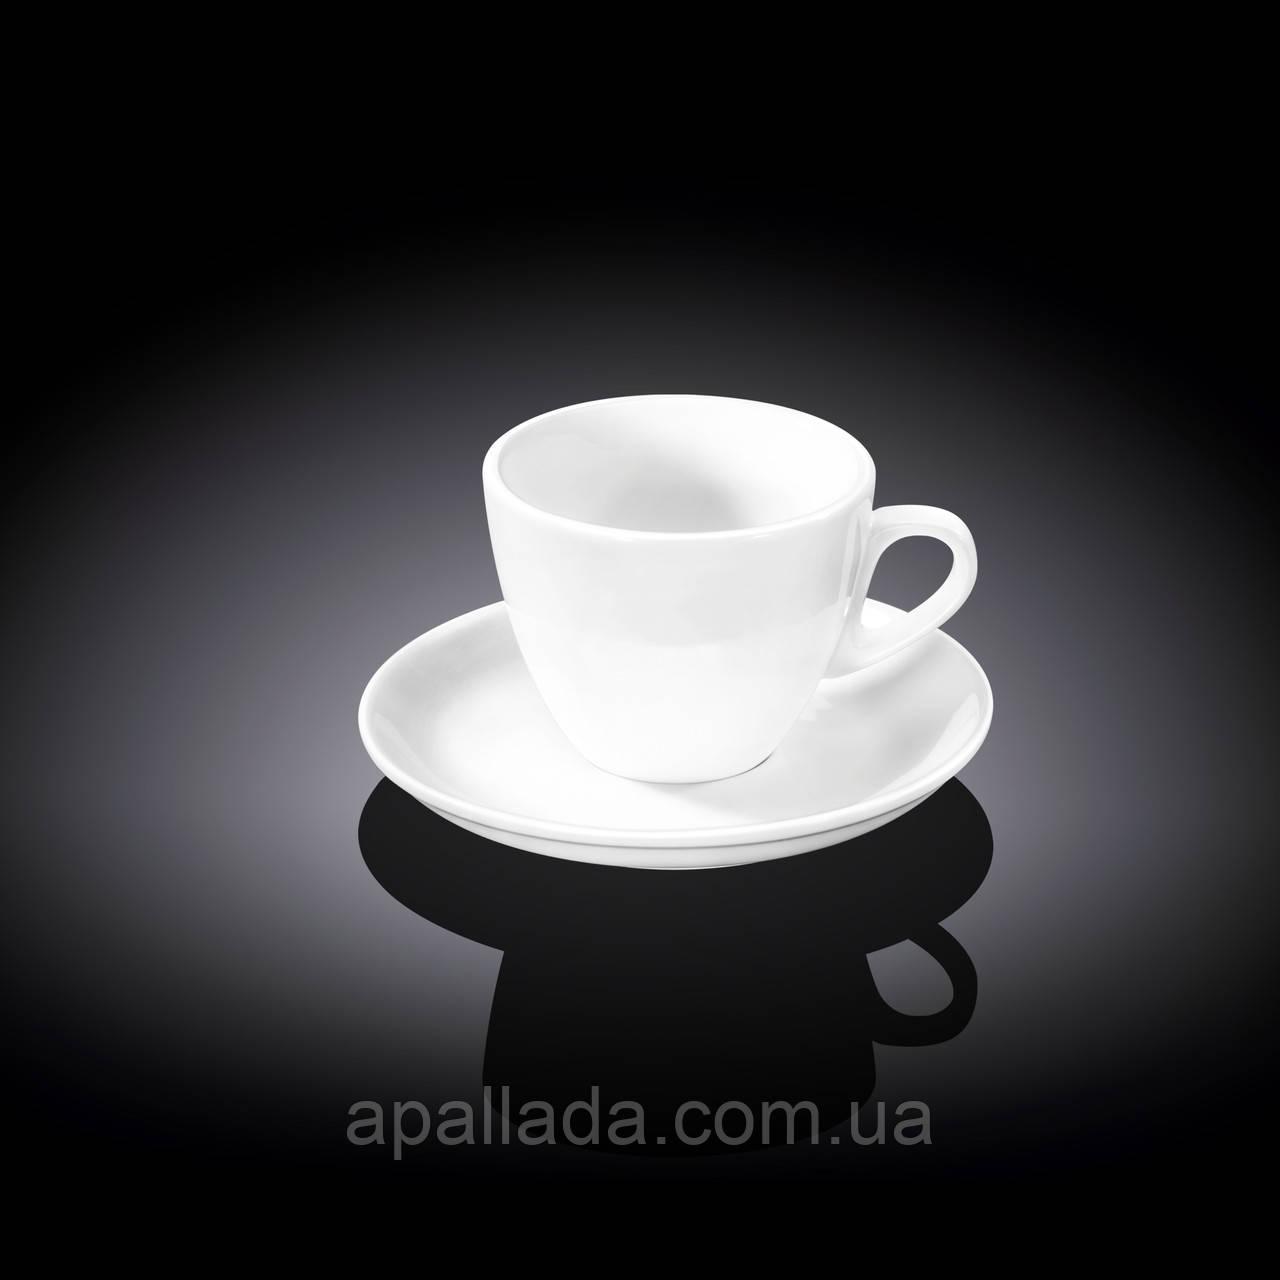 Чашка кавова з блюдцем 75 мл